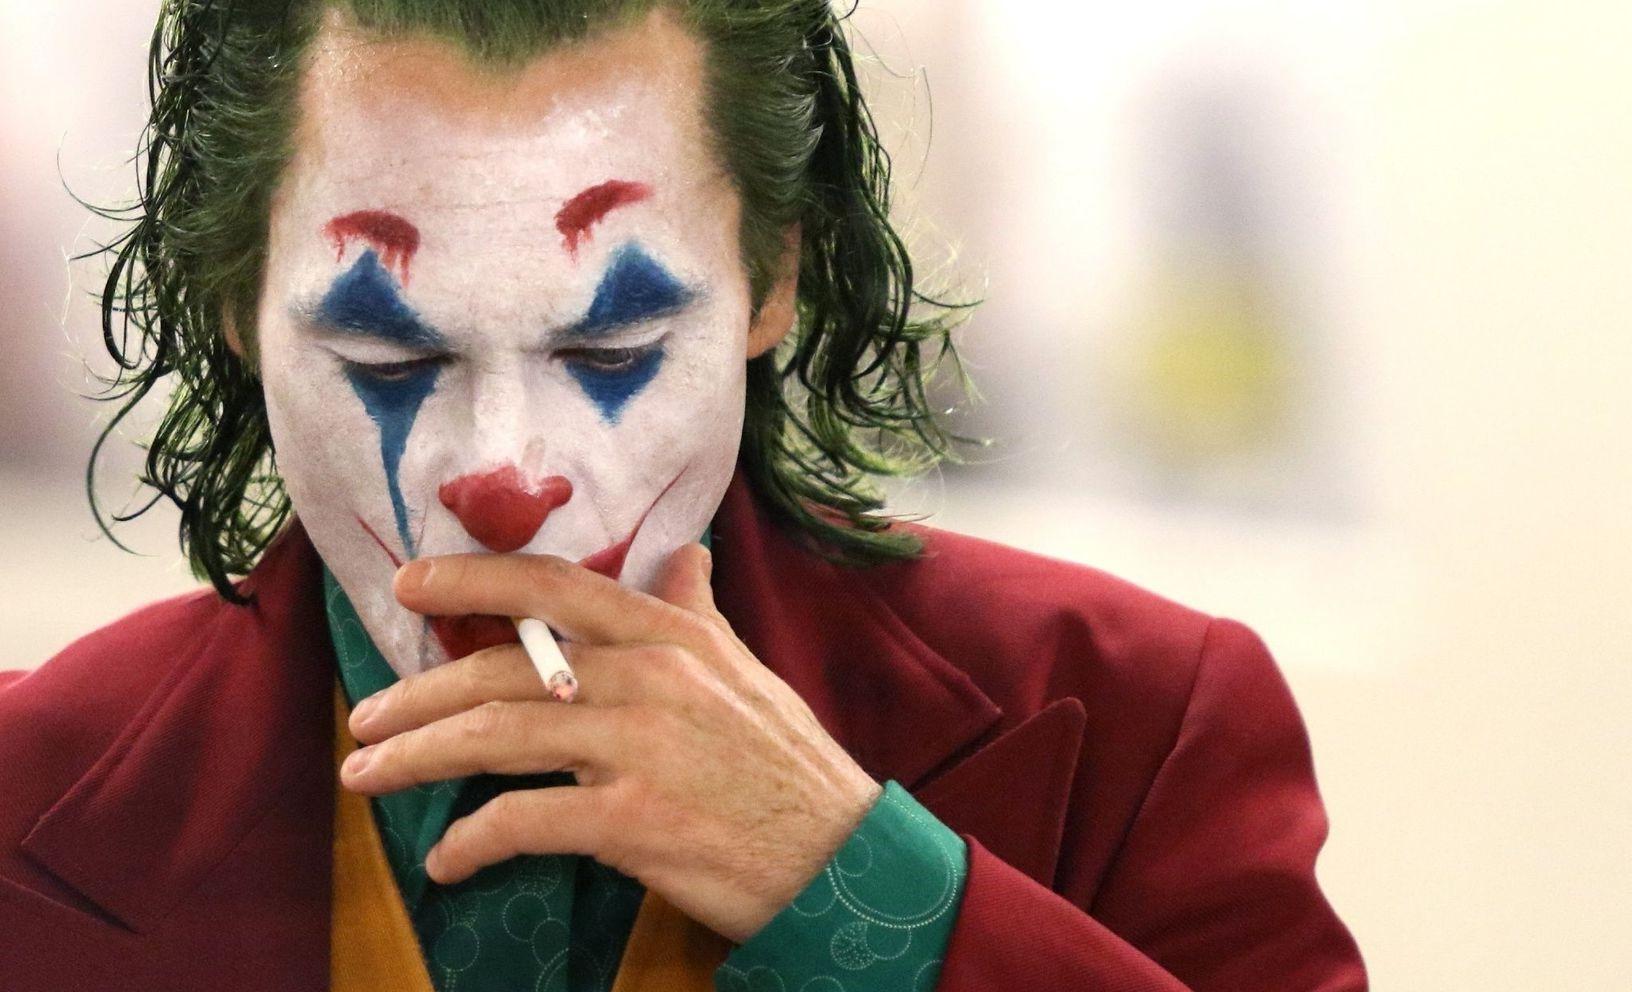 Хоакин Феникс | Почему новый «Джокер» заслуживает Оскара | Brain Berries